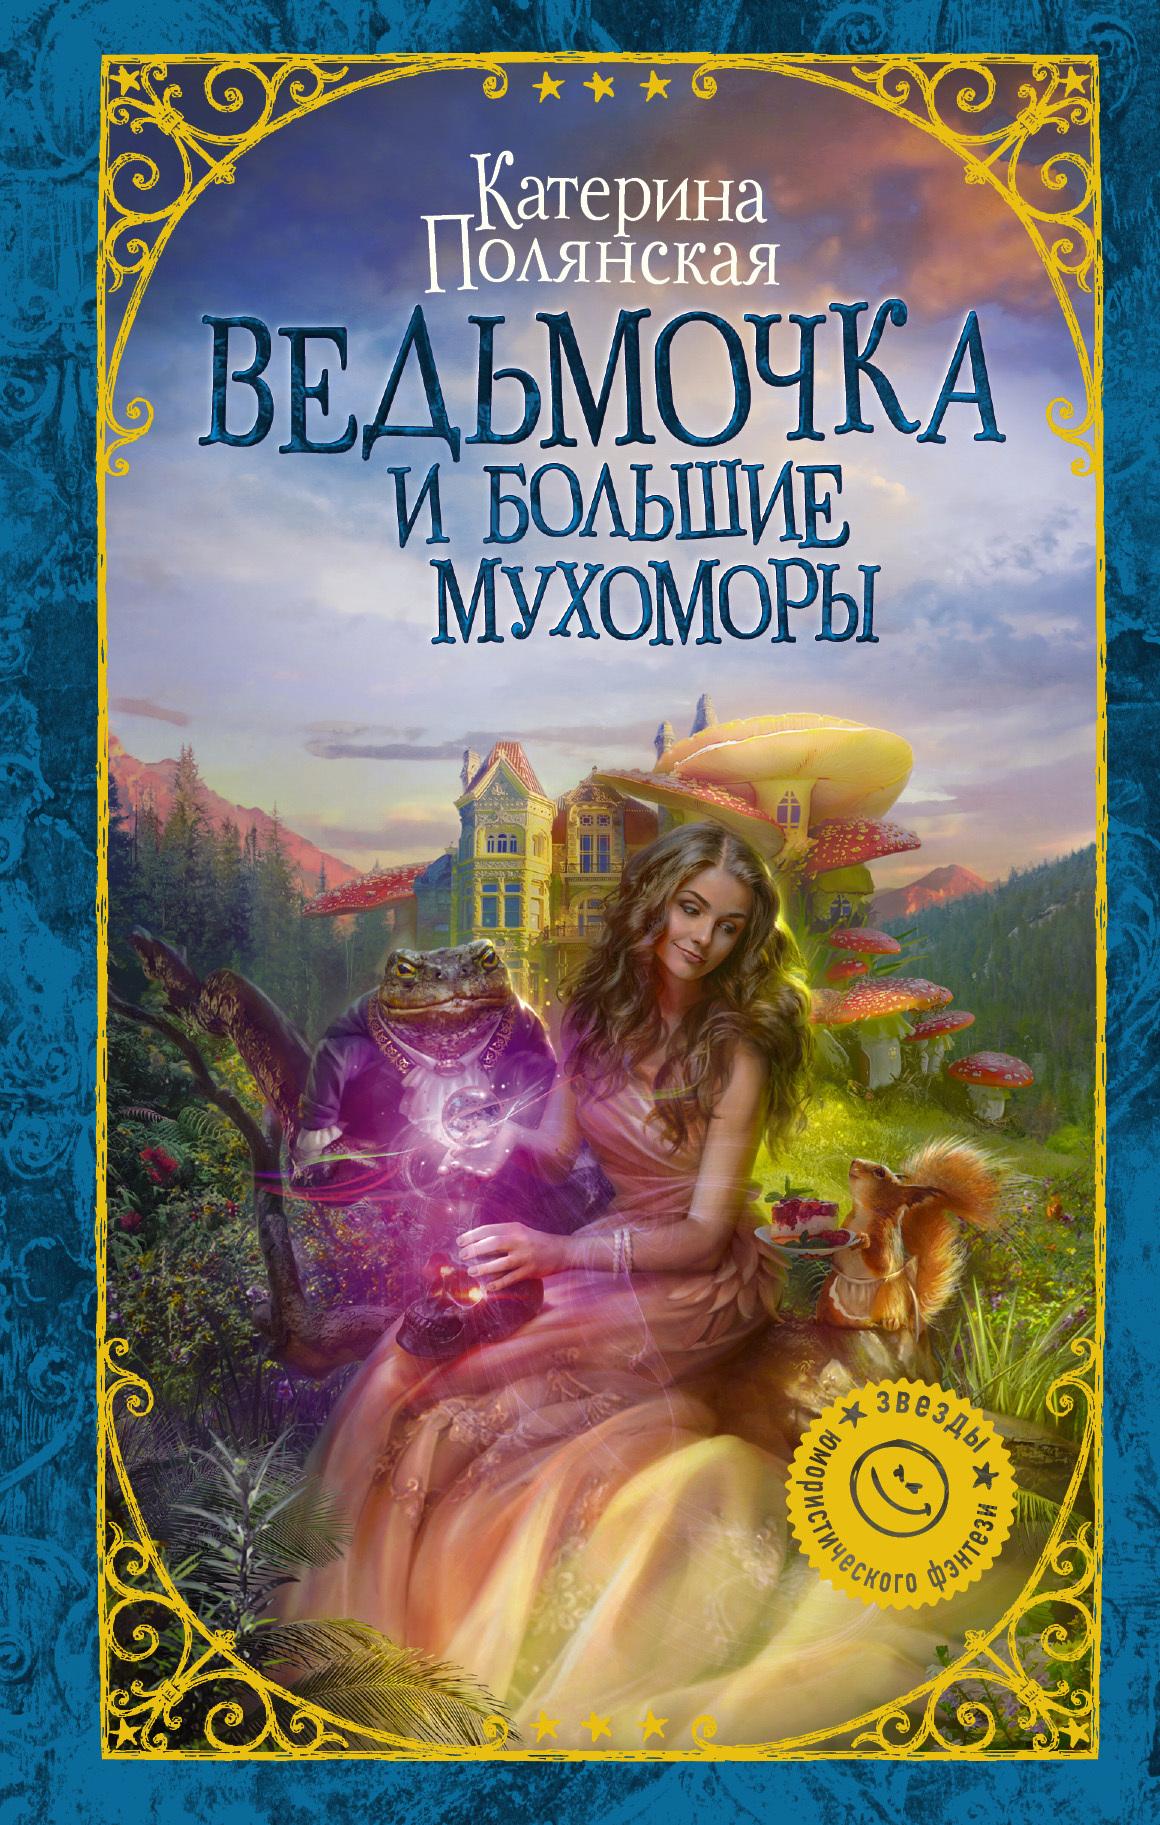 Книга Ведьмочка и большие мухоморы